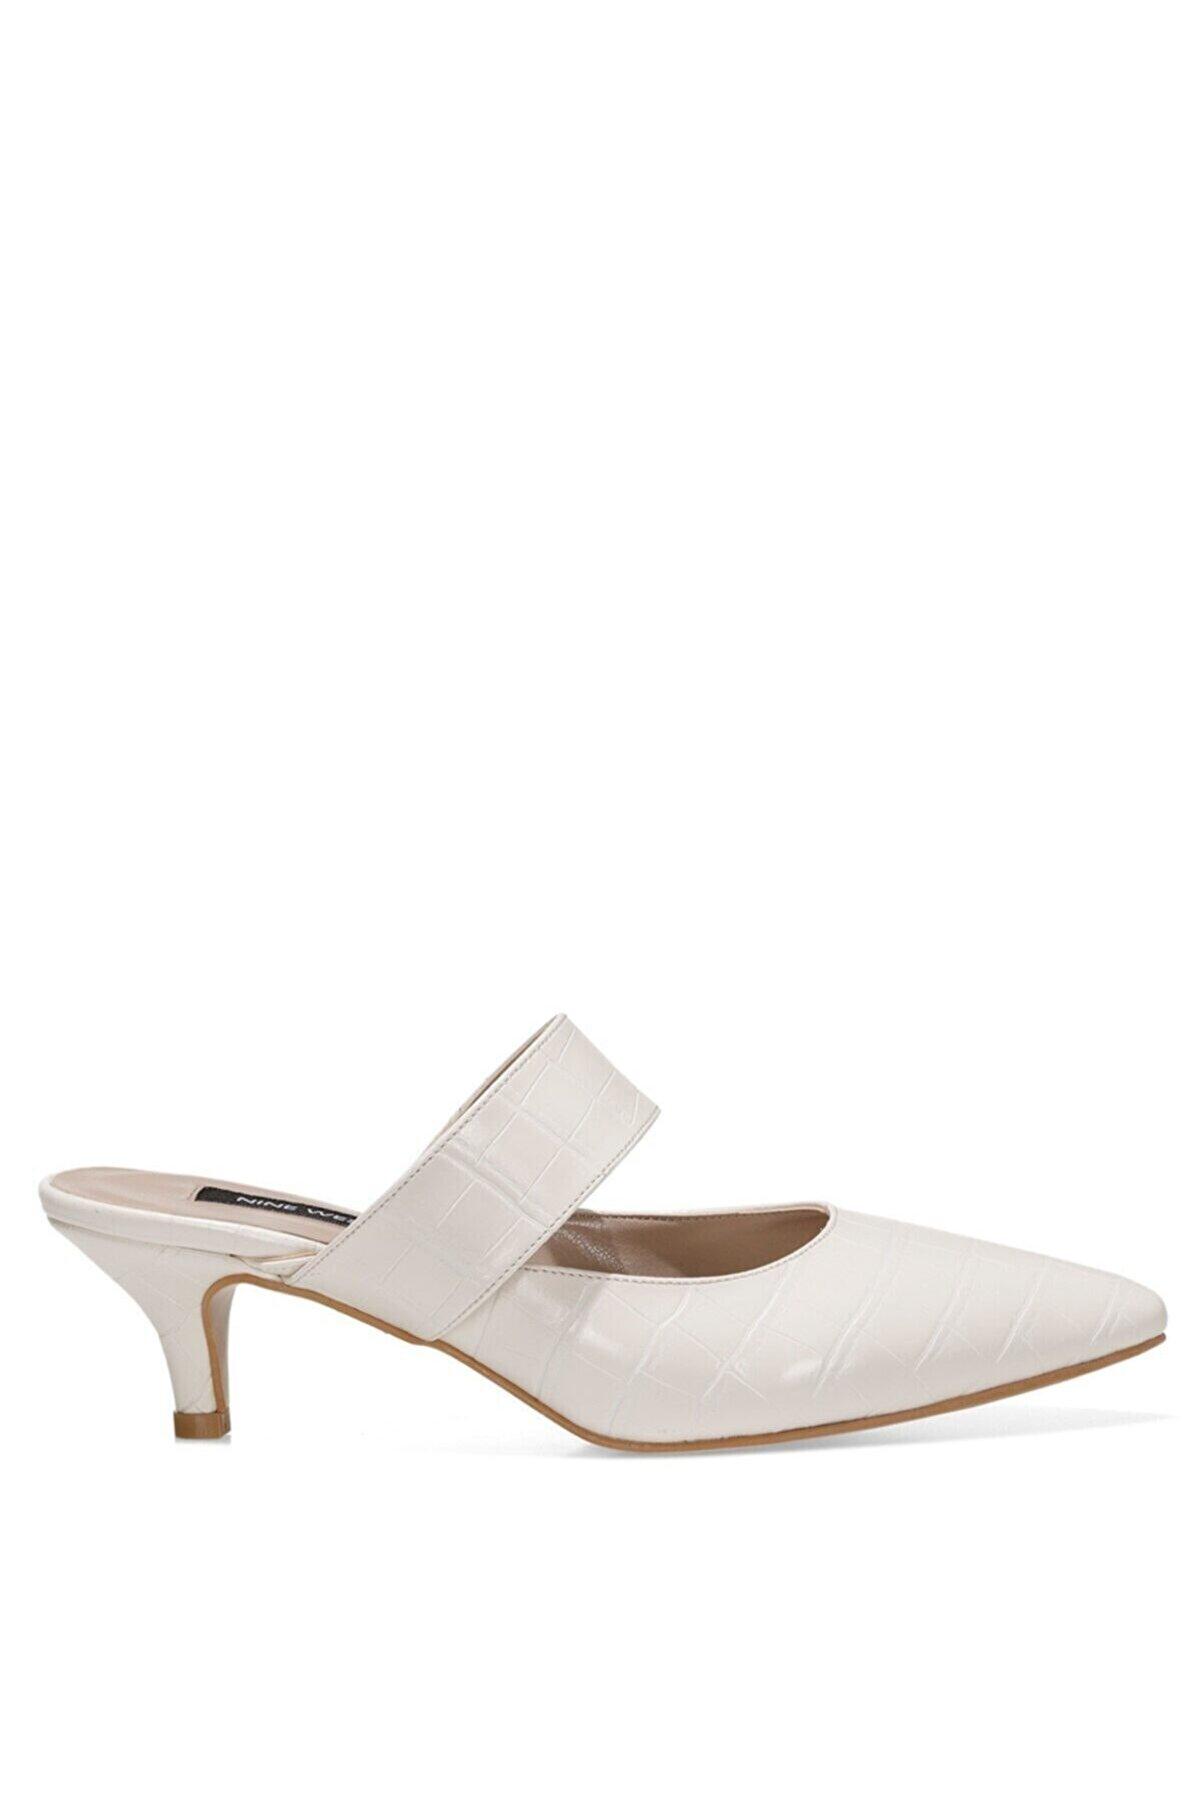 Nine West SENNES 1FX Beyaz Kadın Gova Ayakkabı 101013089